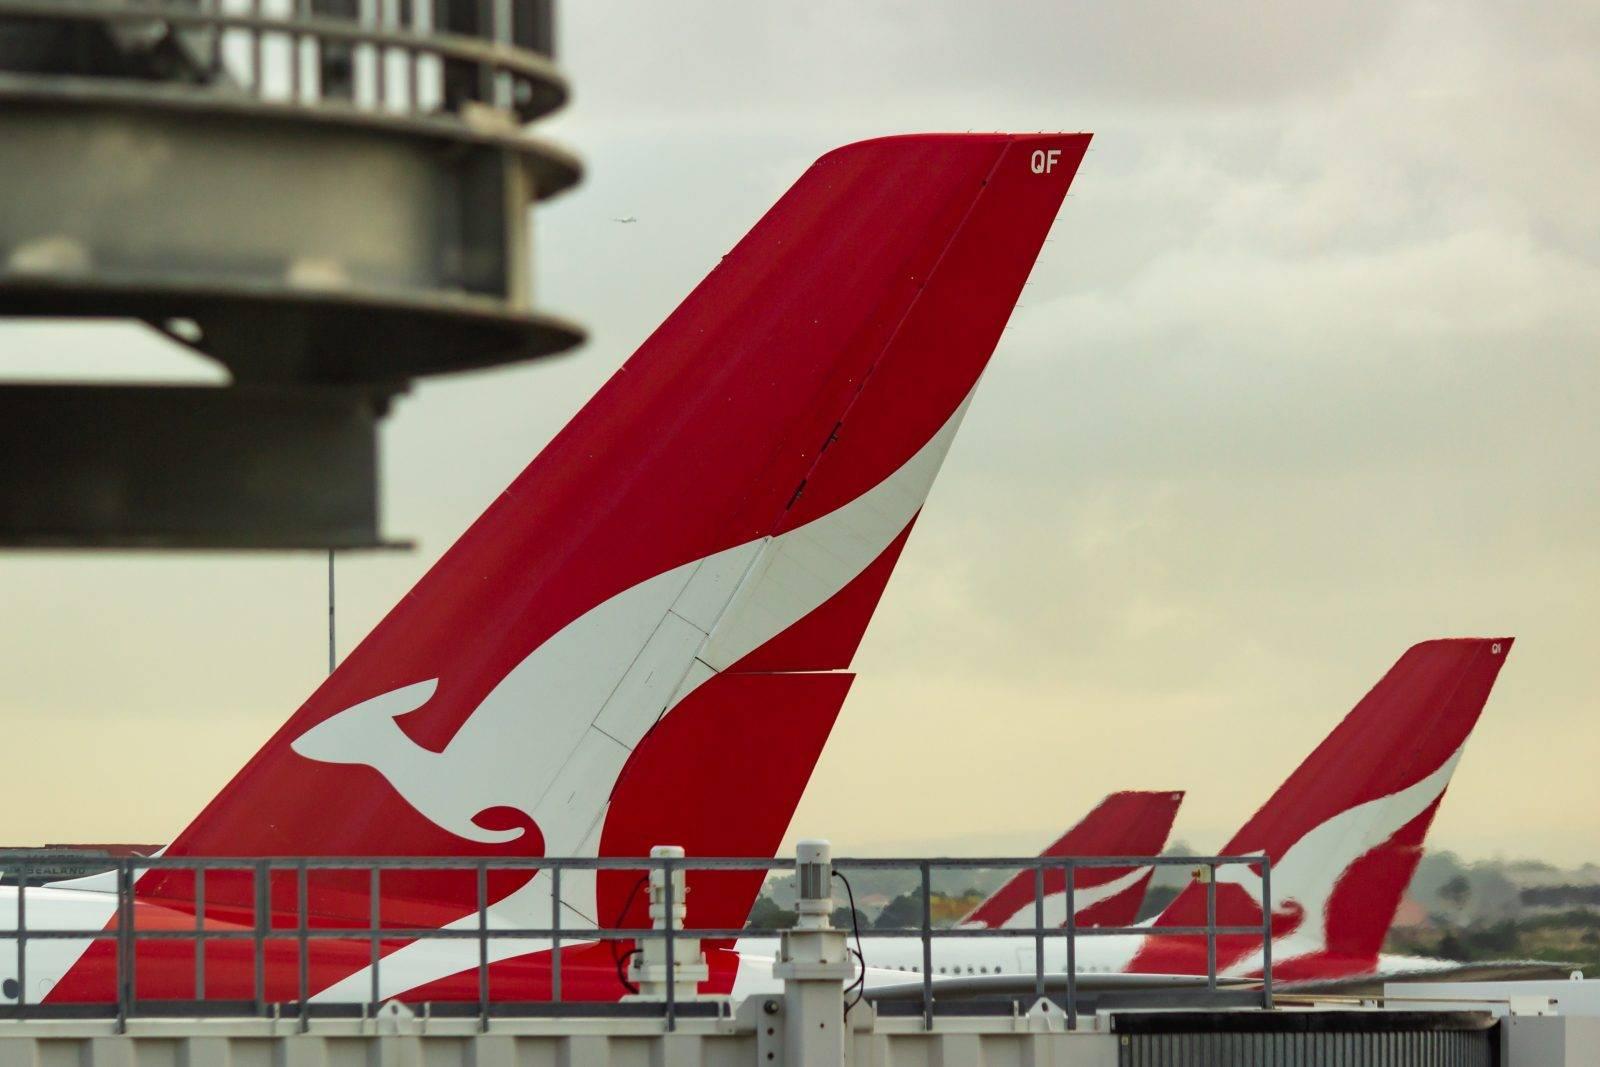 澳洲疫情告急!澳航再让2500名员工无限休假!_封锁